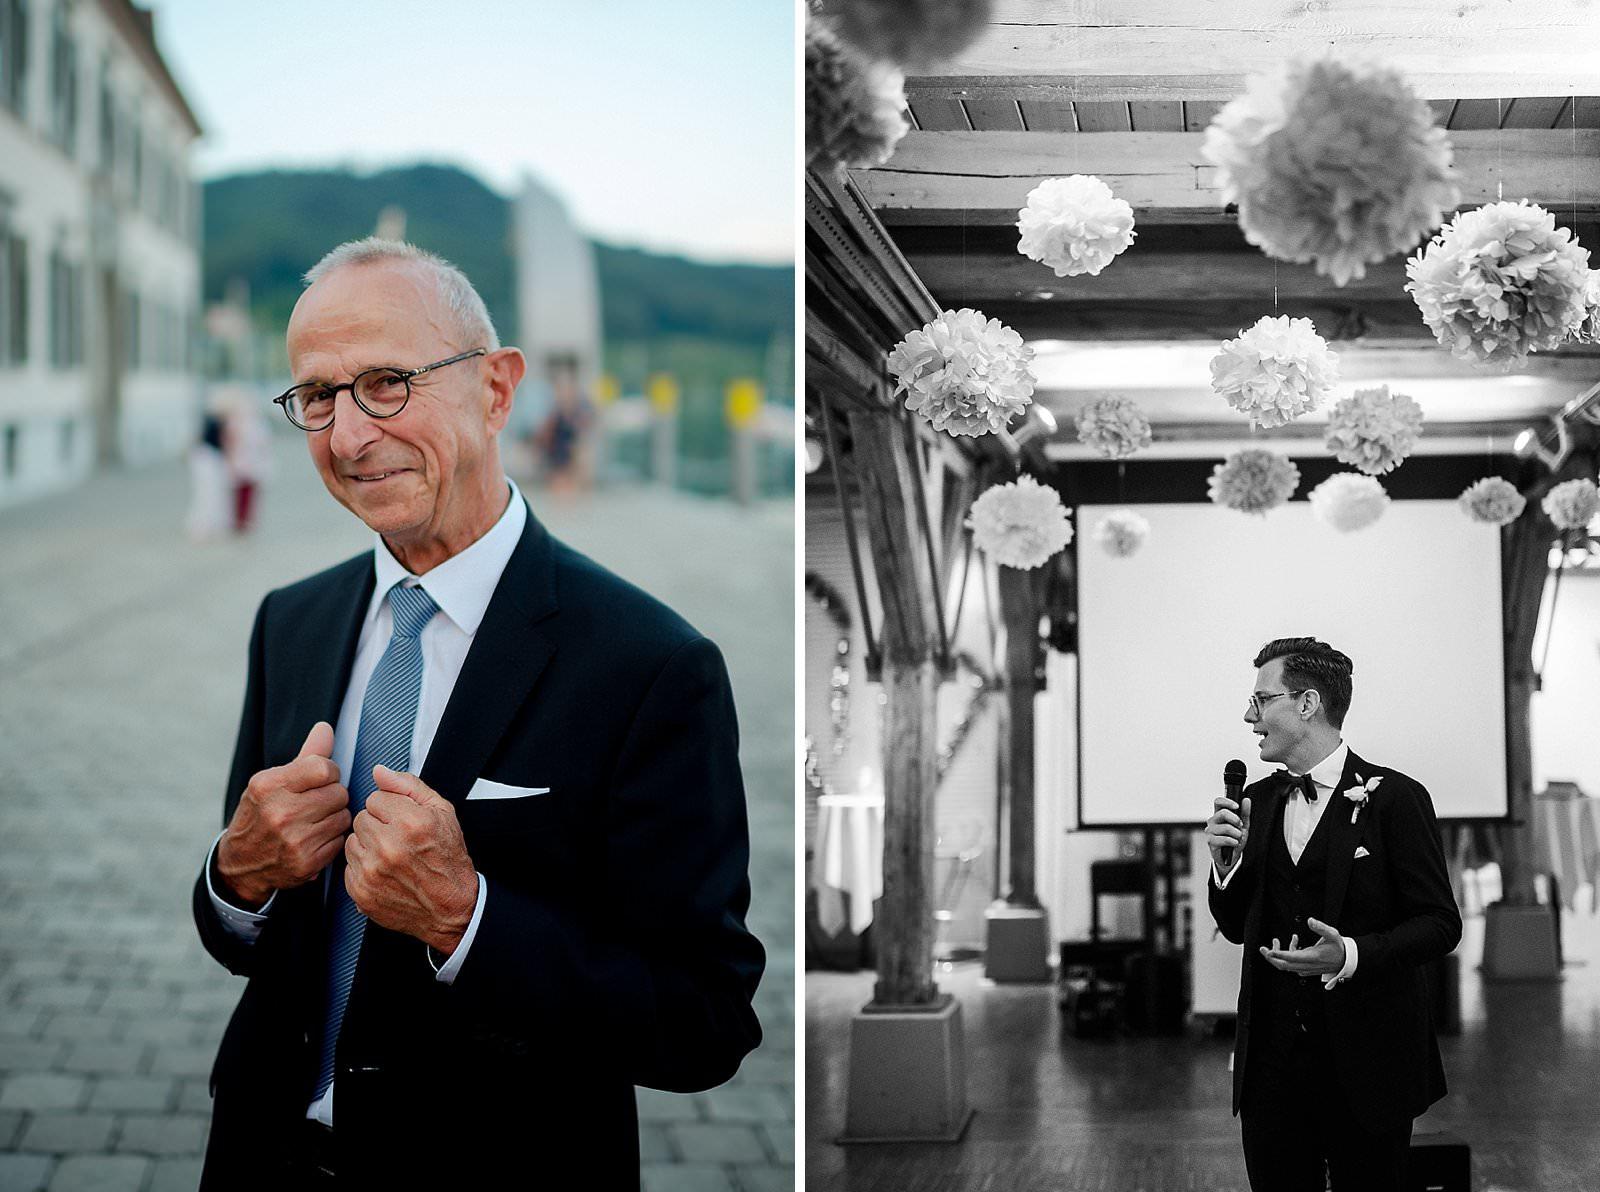 Fotograf Konstanz - Hochzeitsfotograf Bodensee Zollhaus Ludwigshafen Hochzeit Konstanz EFP 125 - Hochzeitsreportage im Zollhaus in Bodman-Ludwigshafen, Bodensee  - 235 -